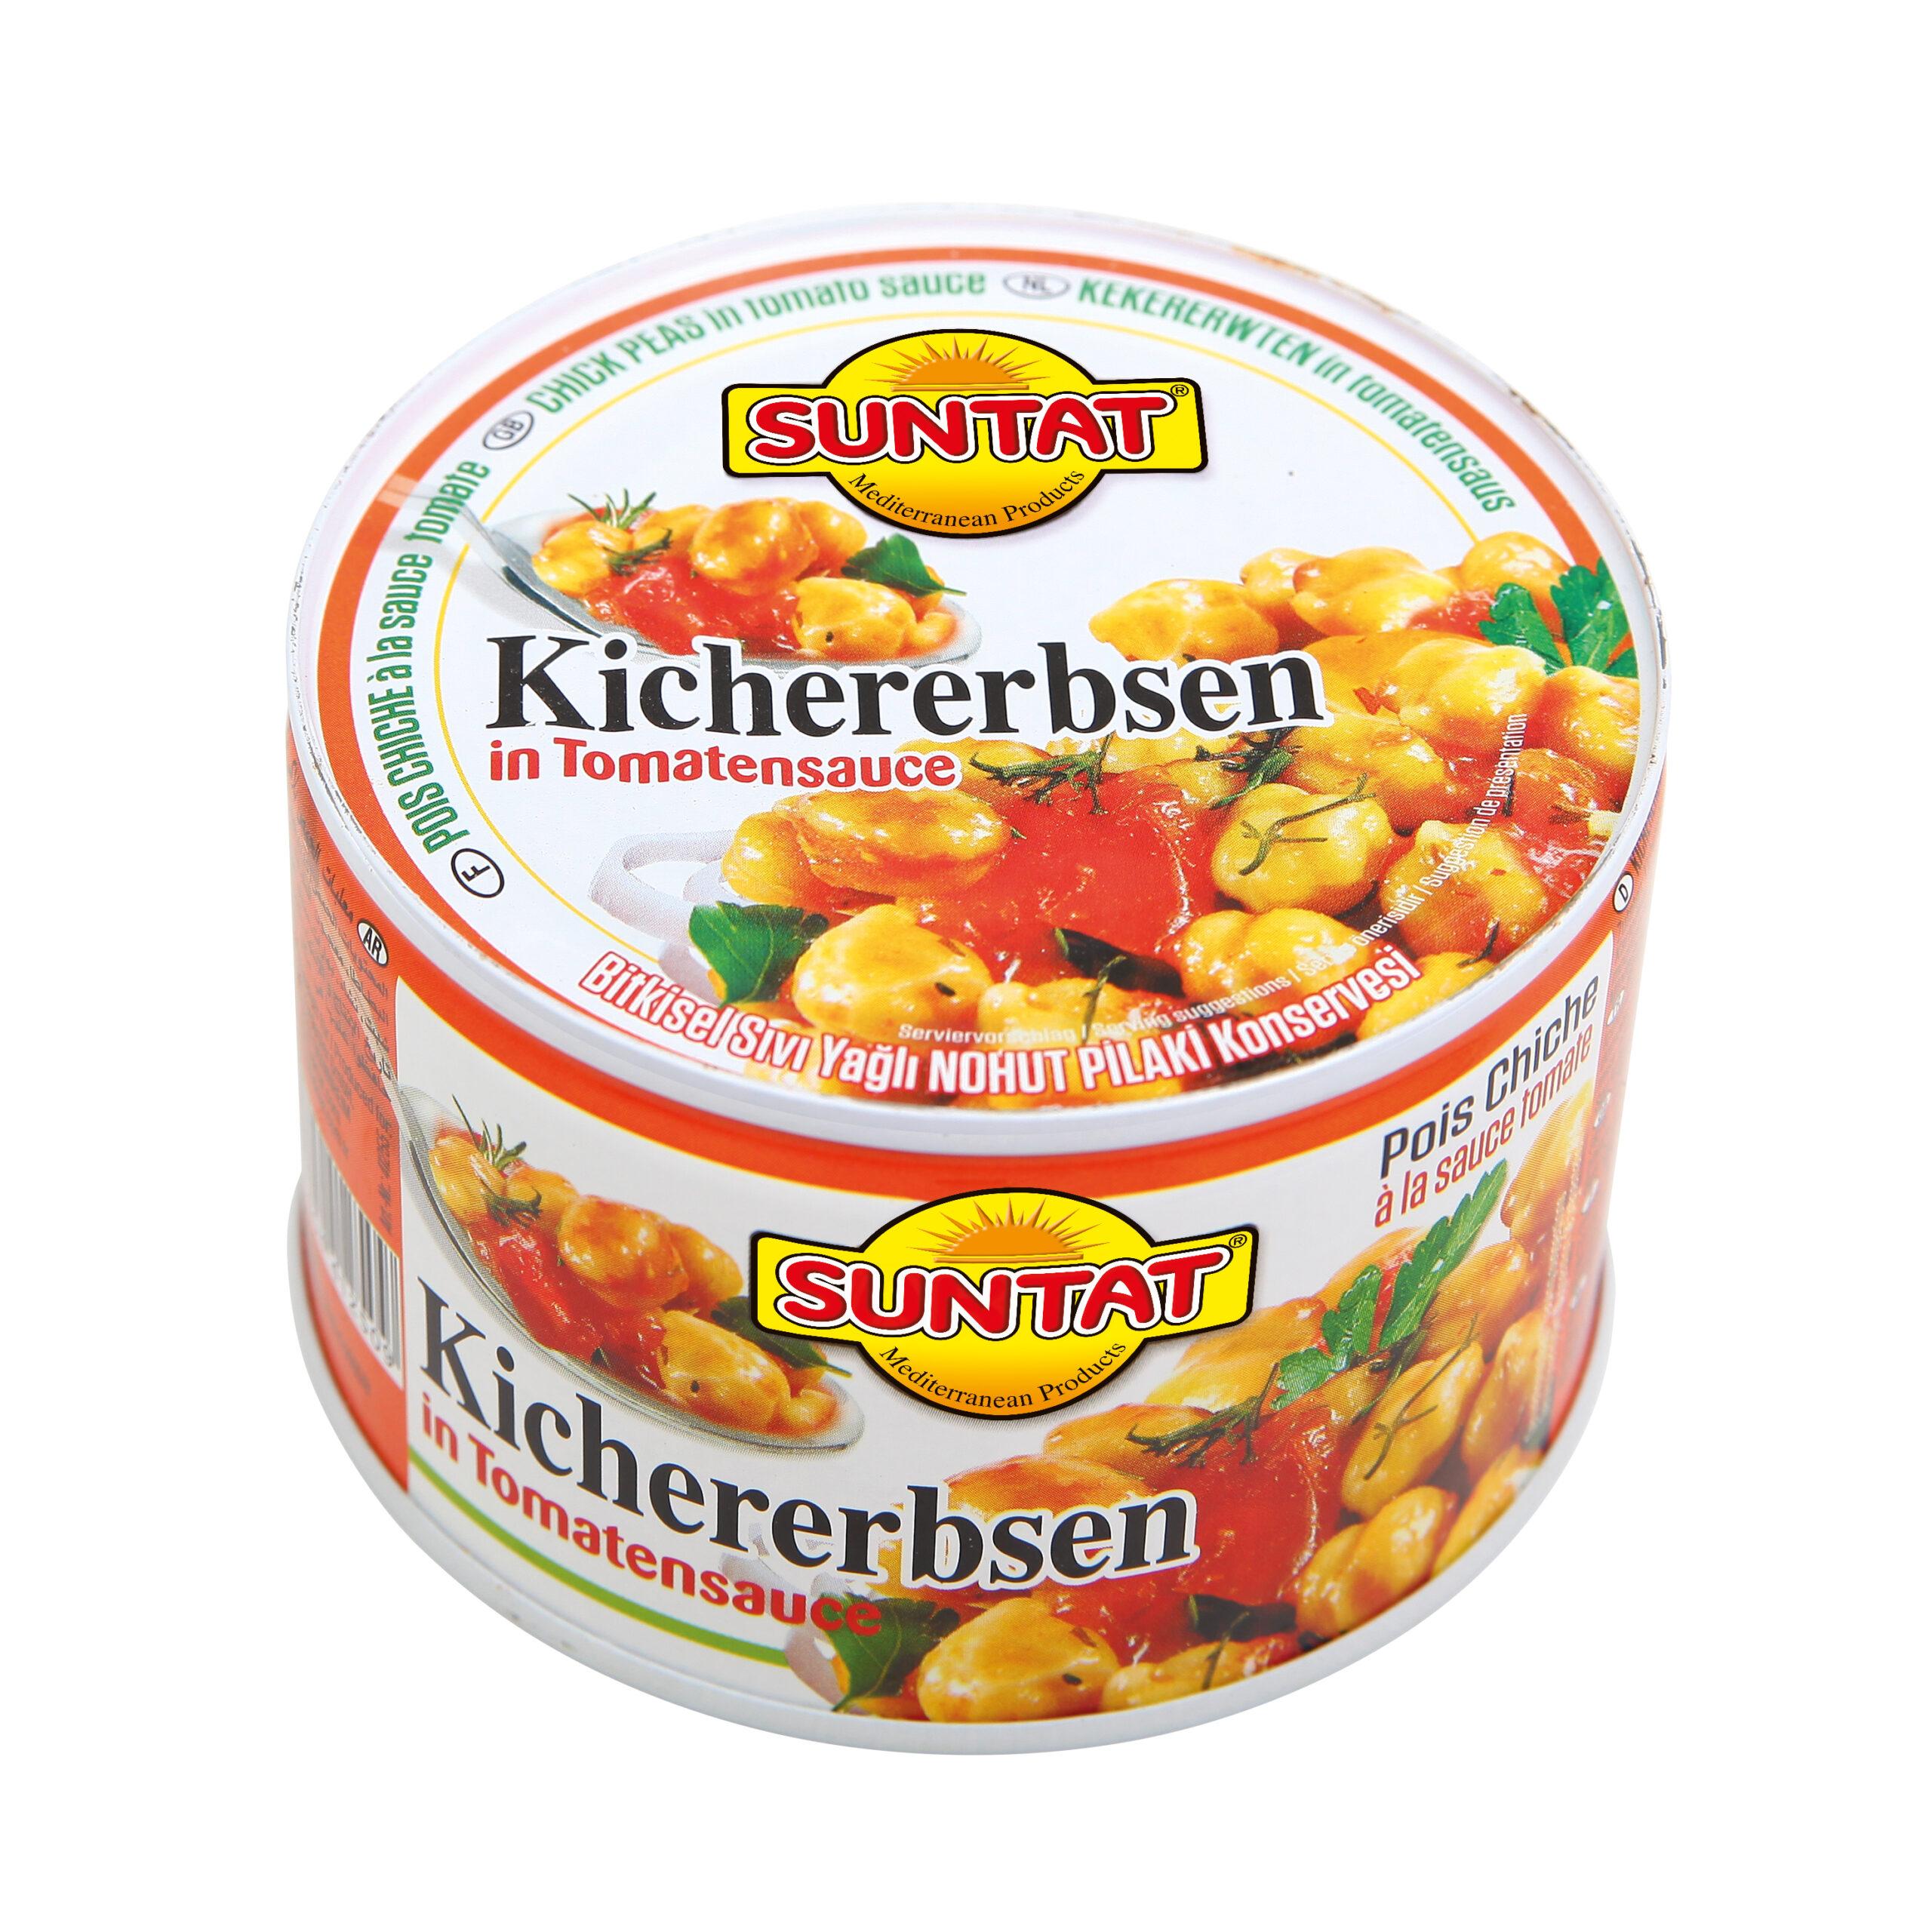 Suntat Kichererbsen in Tomatensauce